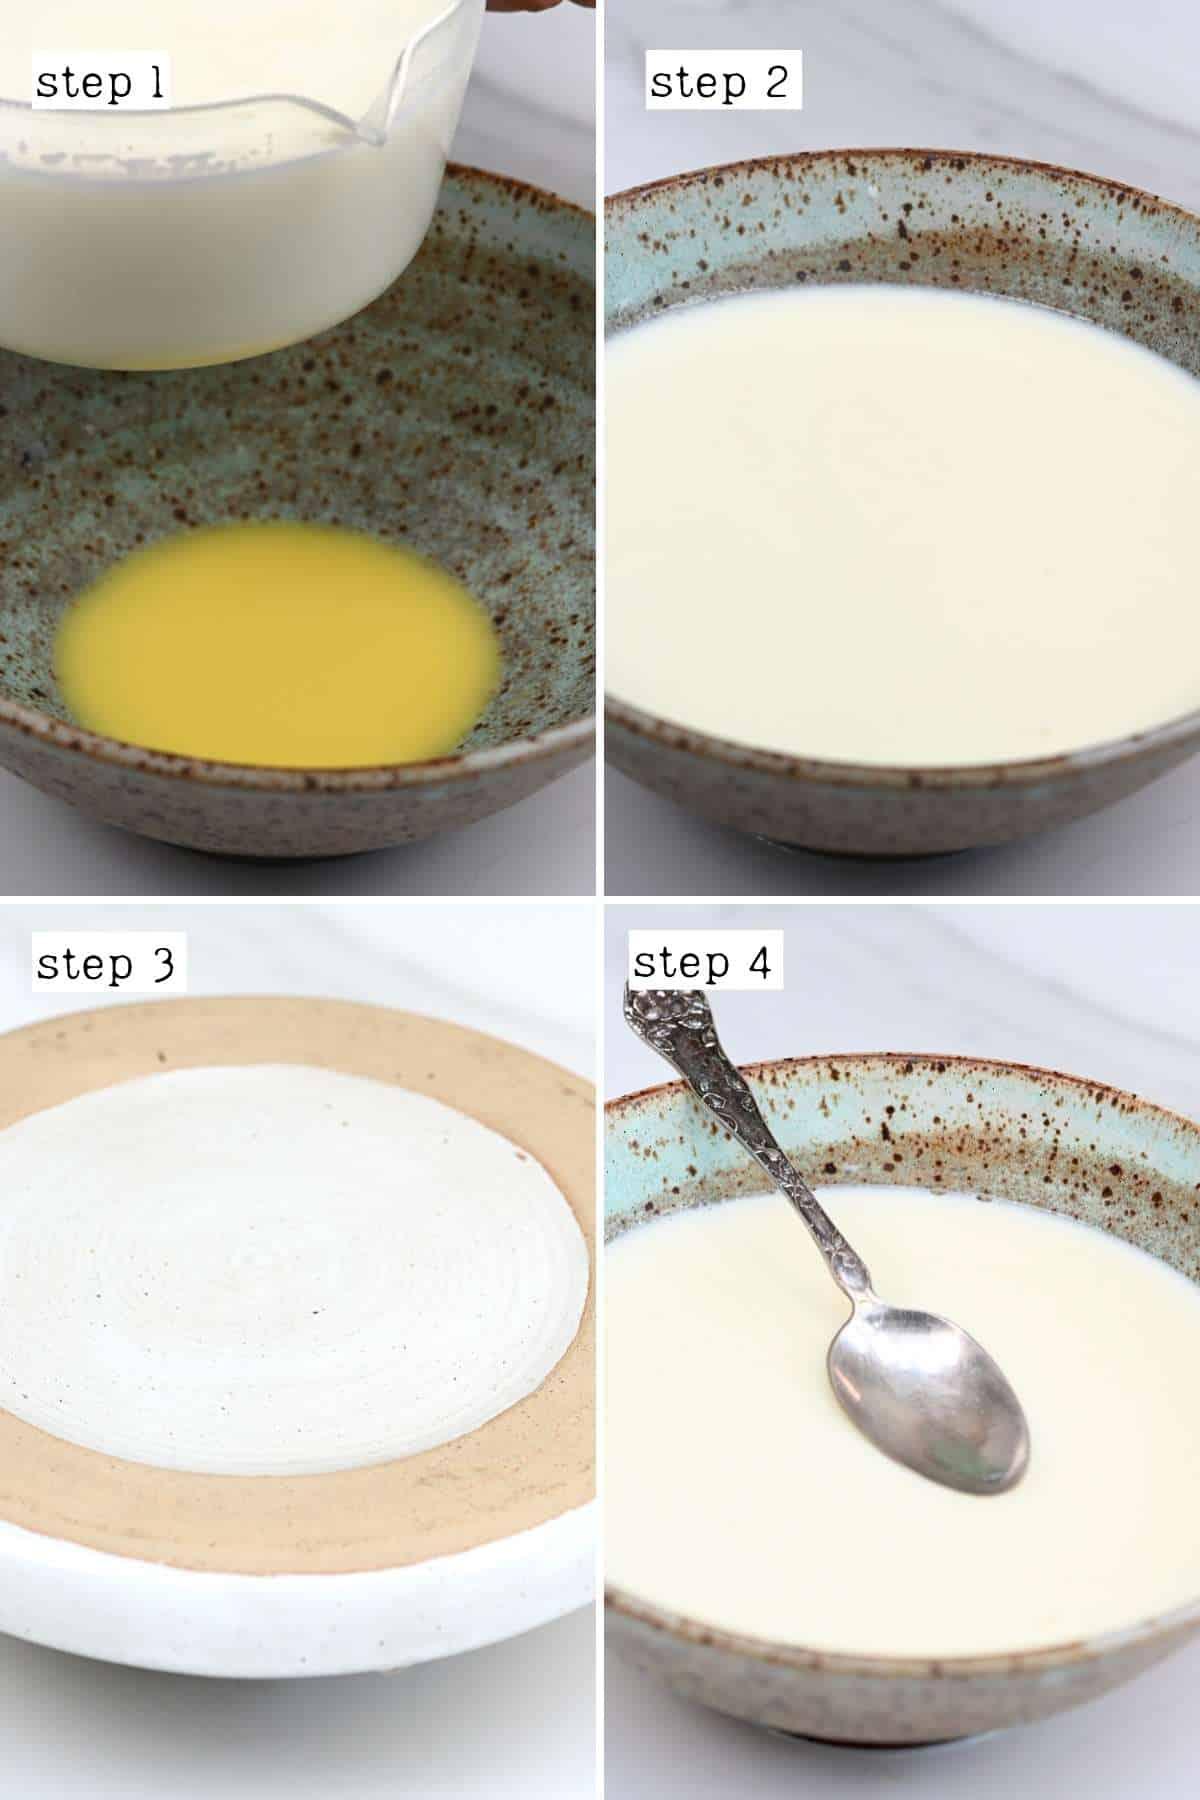 Steps for preparing ginger pudding